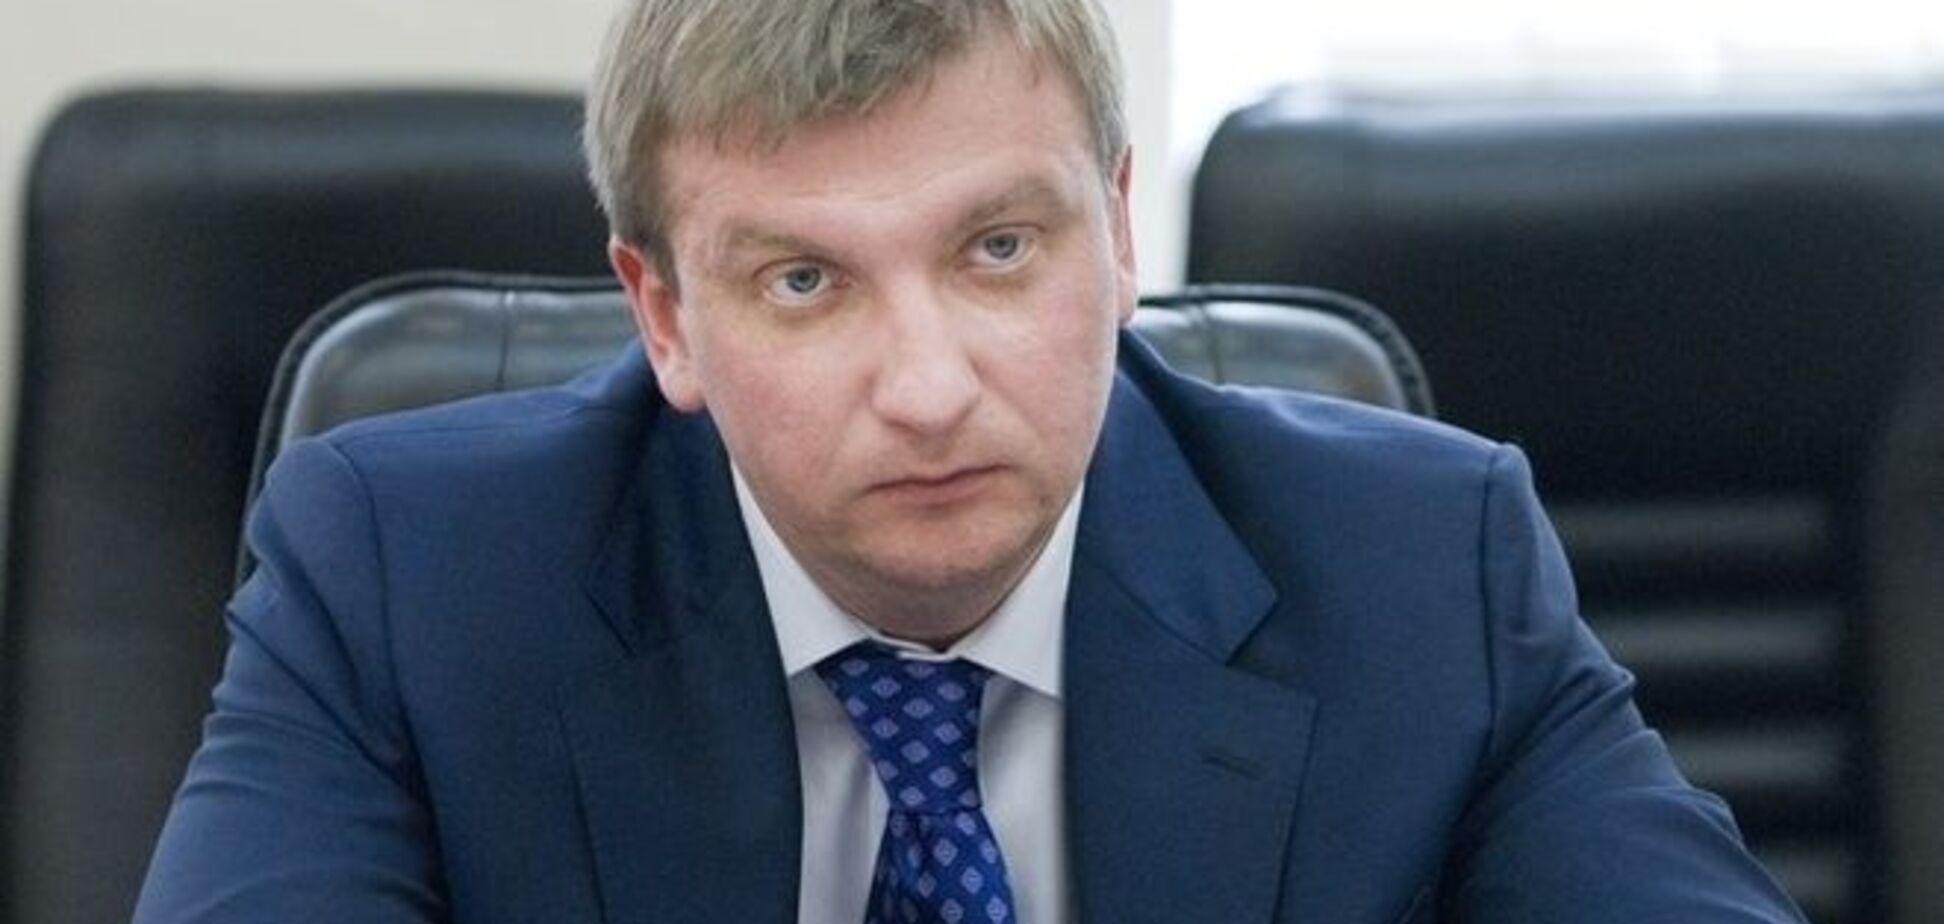 Петренко пообещал до конца года закрыть СИЗО в Черновцах